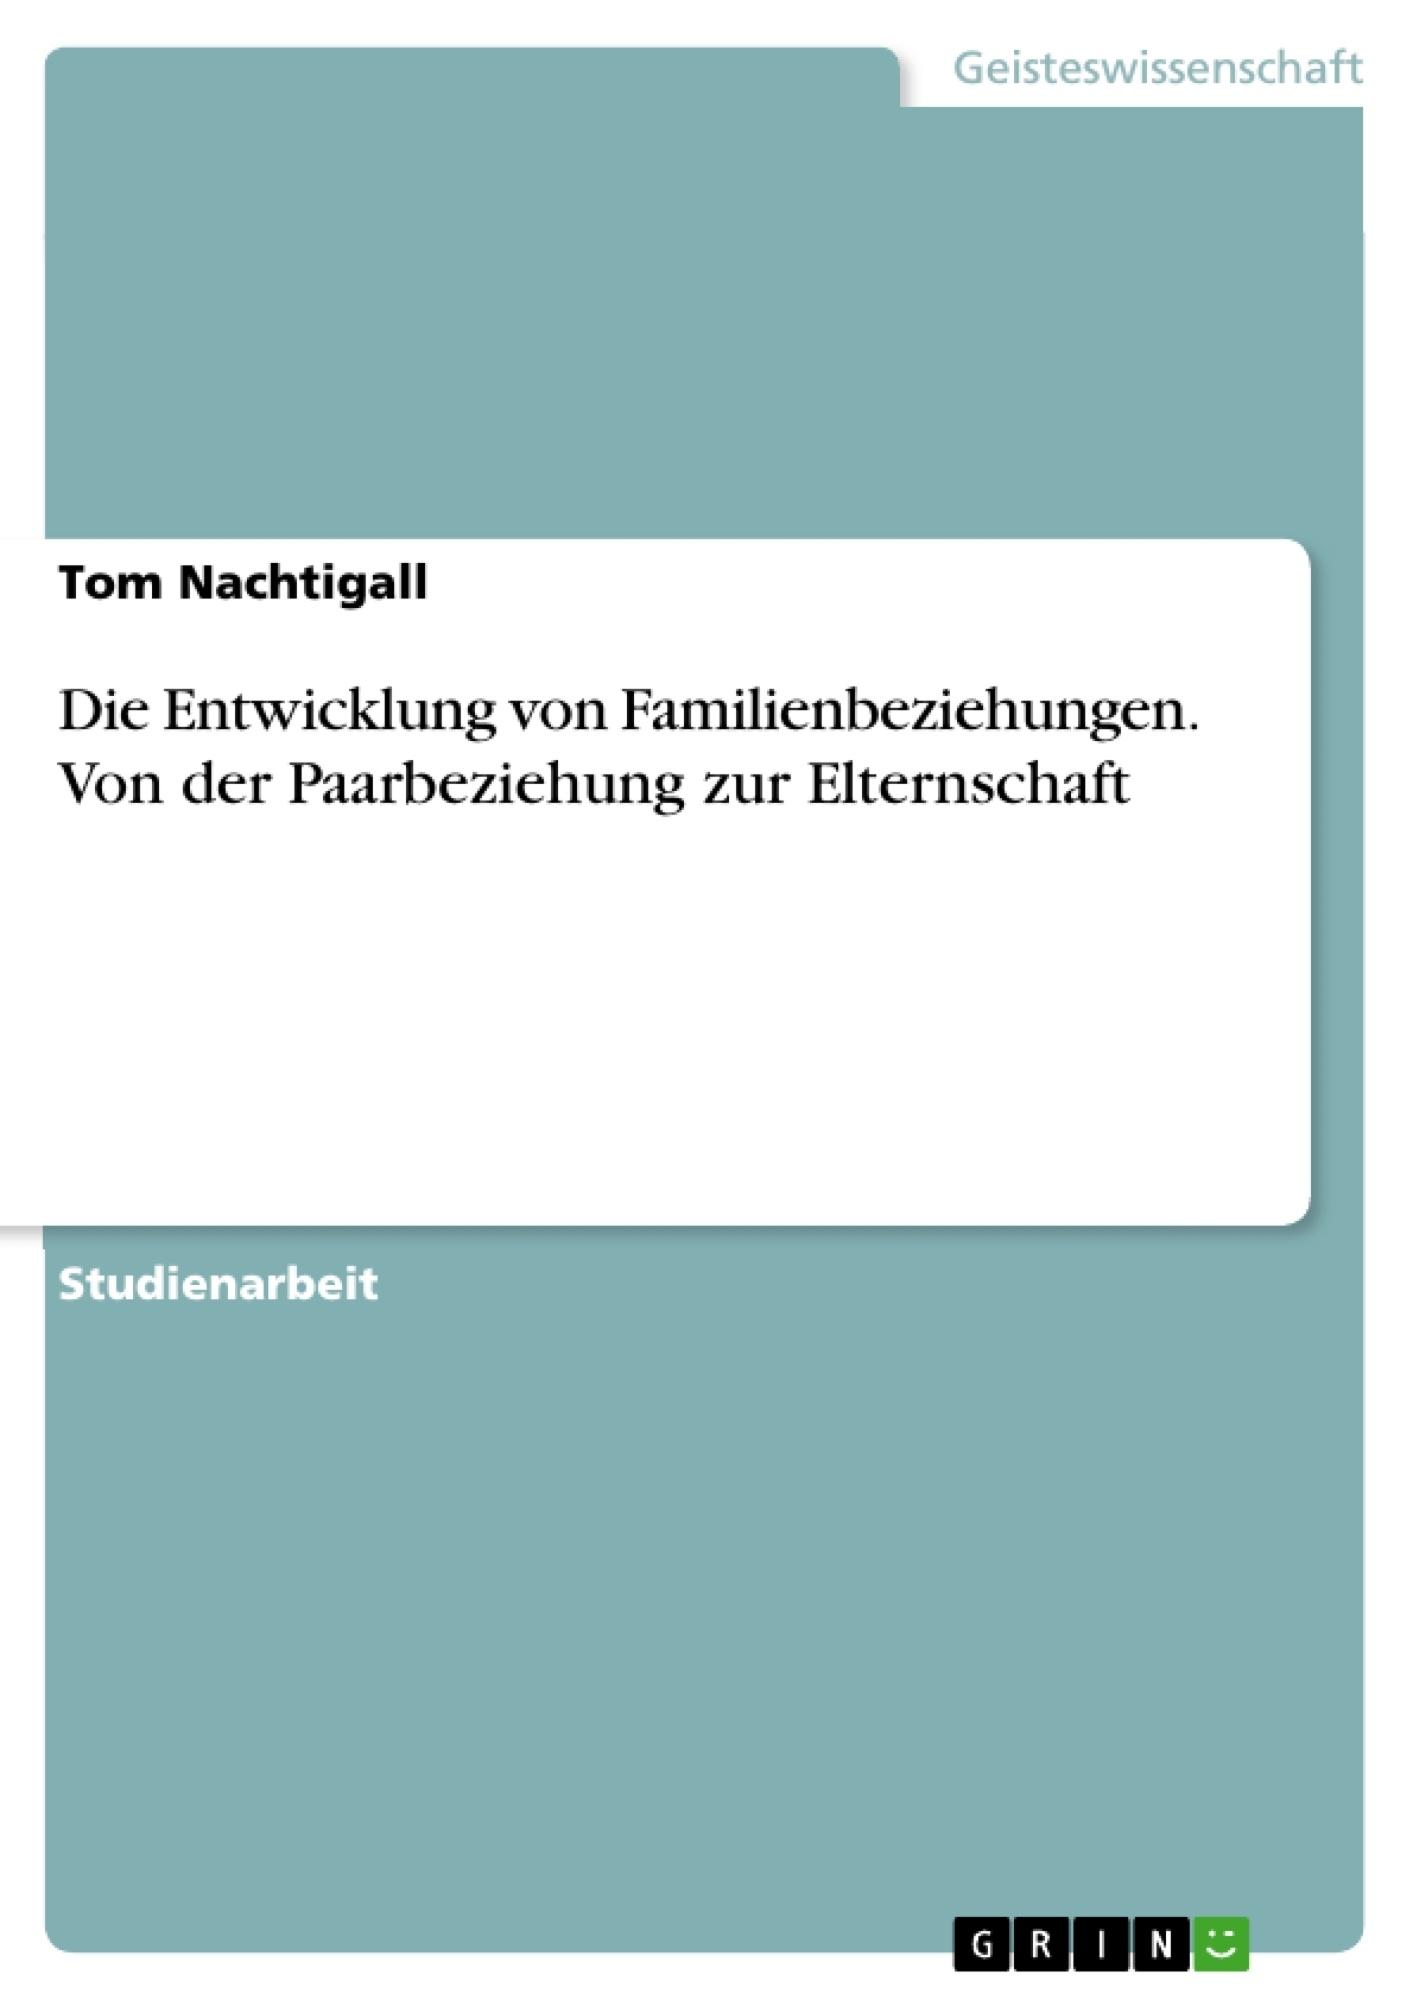 Titel: Die Entwicklung von Familienbeziehungen. Von der Paarbeziehung zur Elternschaft